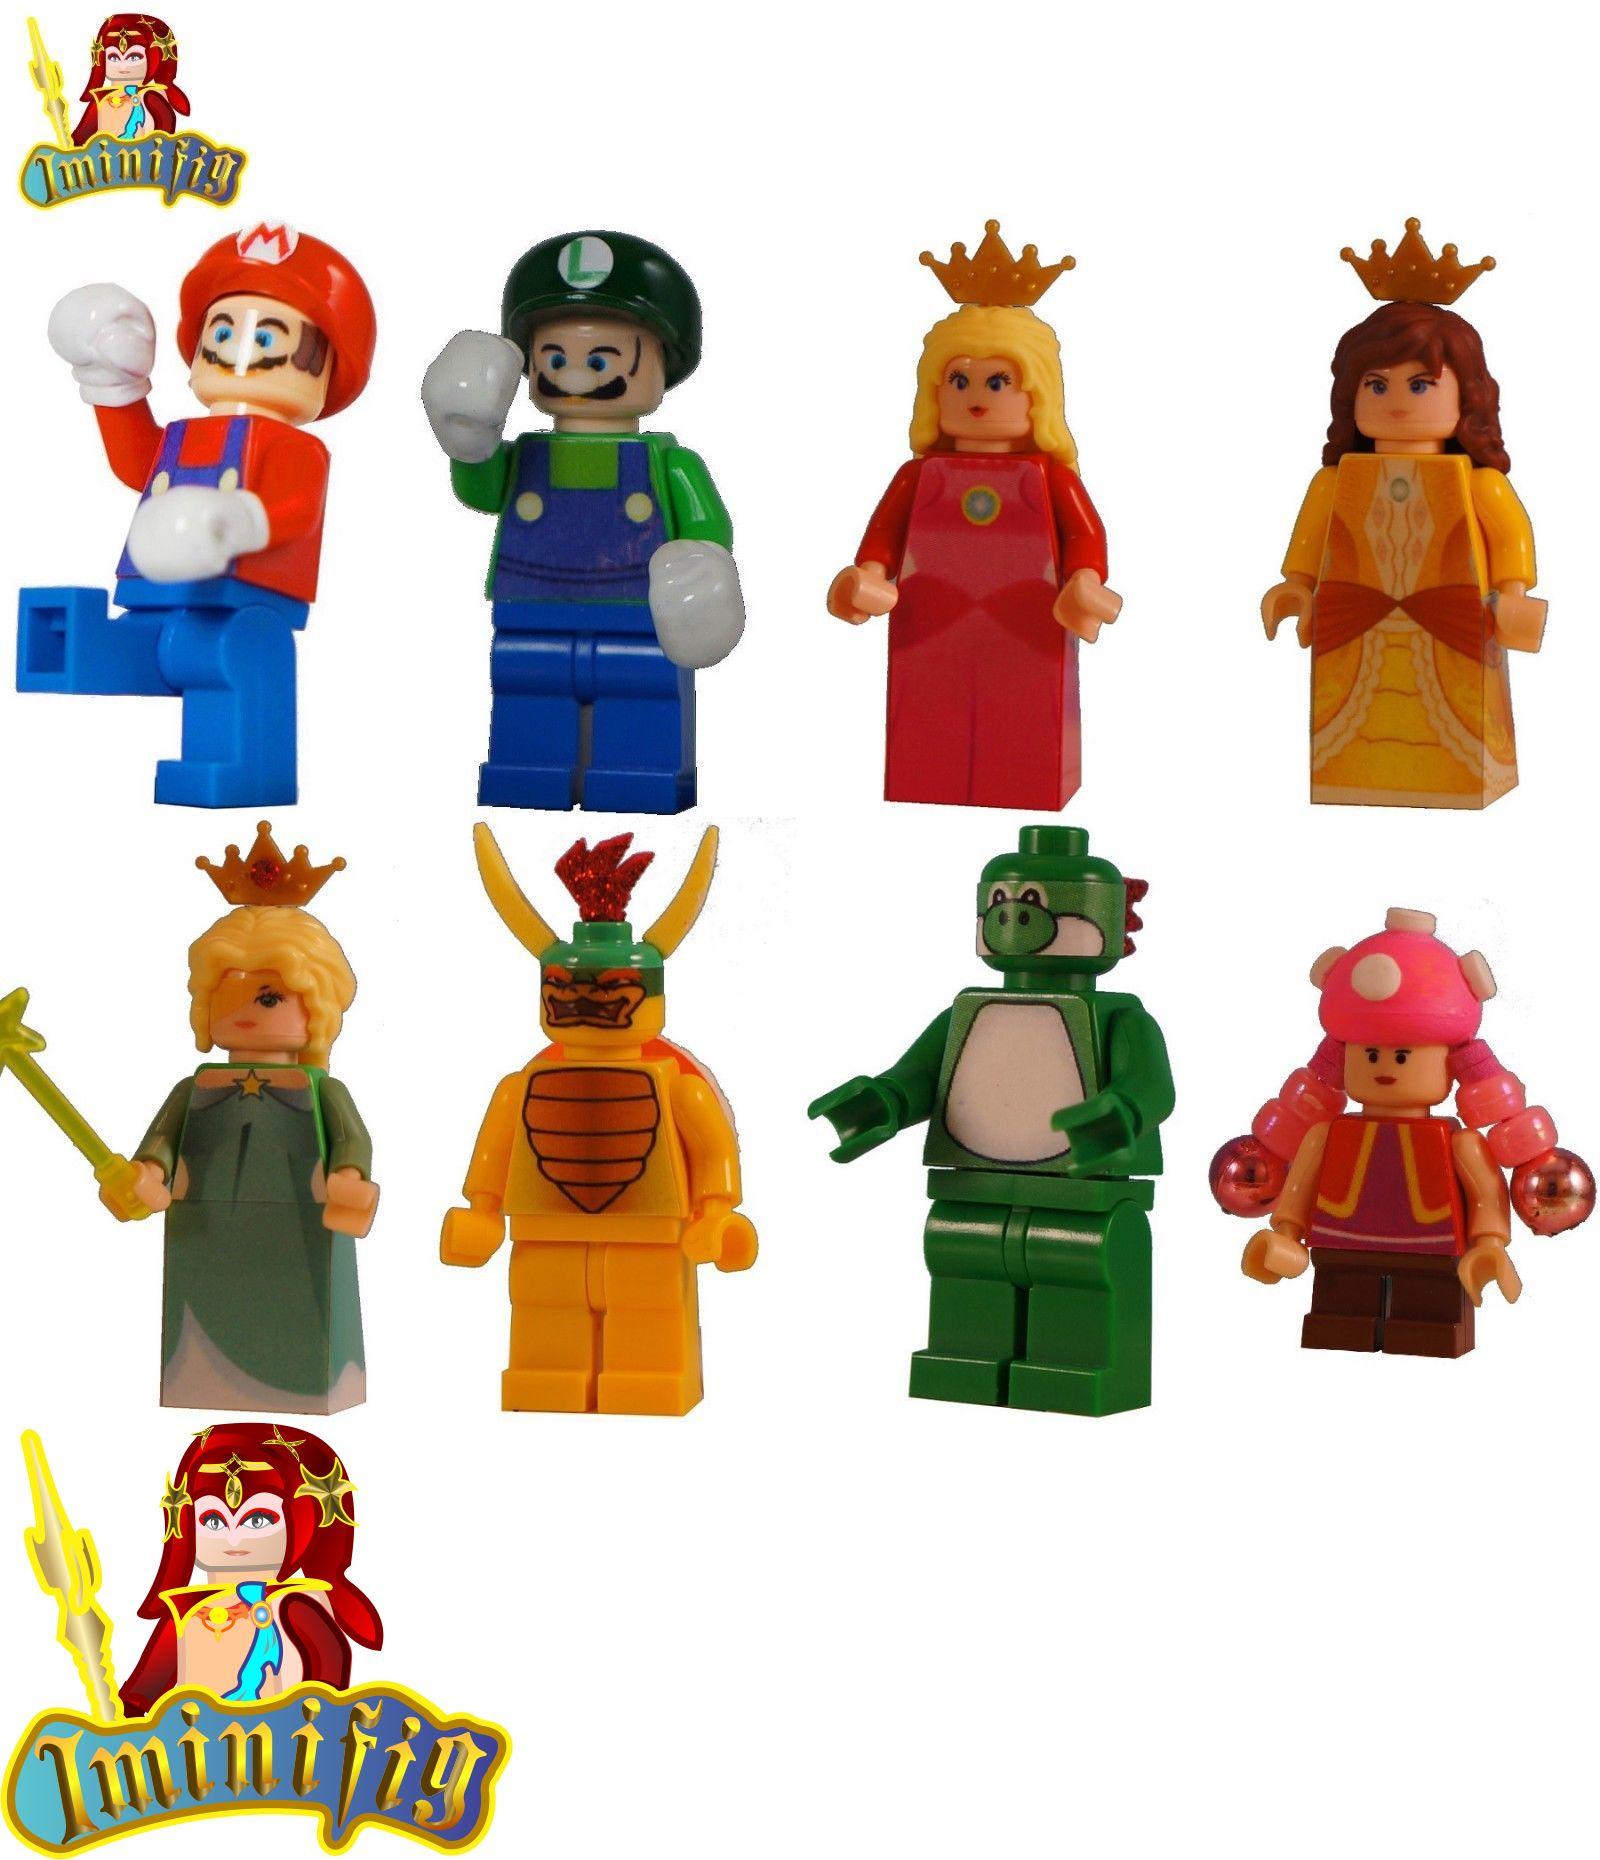 Details About Lego Custom Minifigure Super Mario Luigi Peach